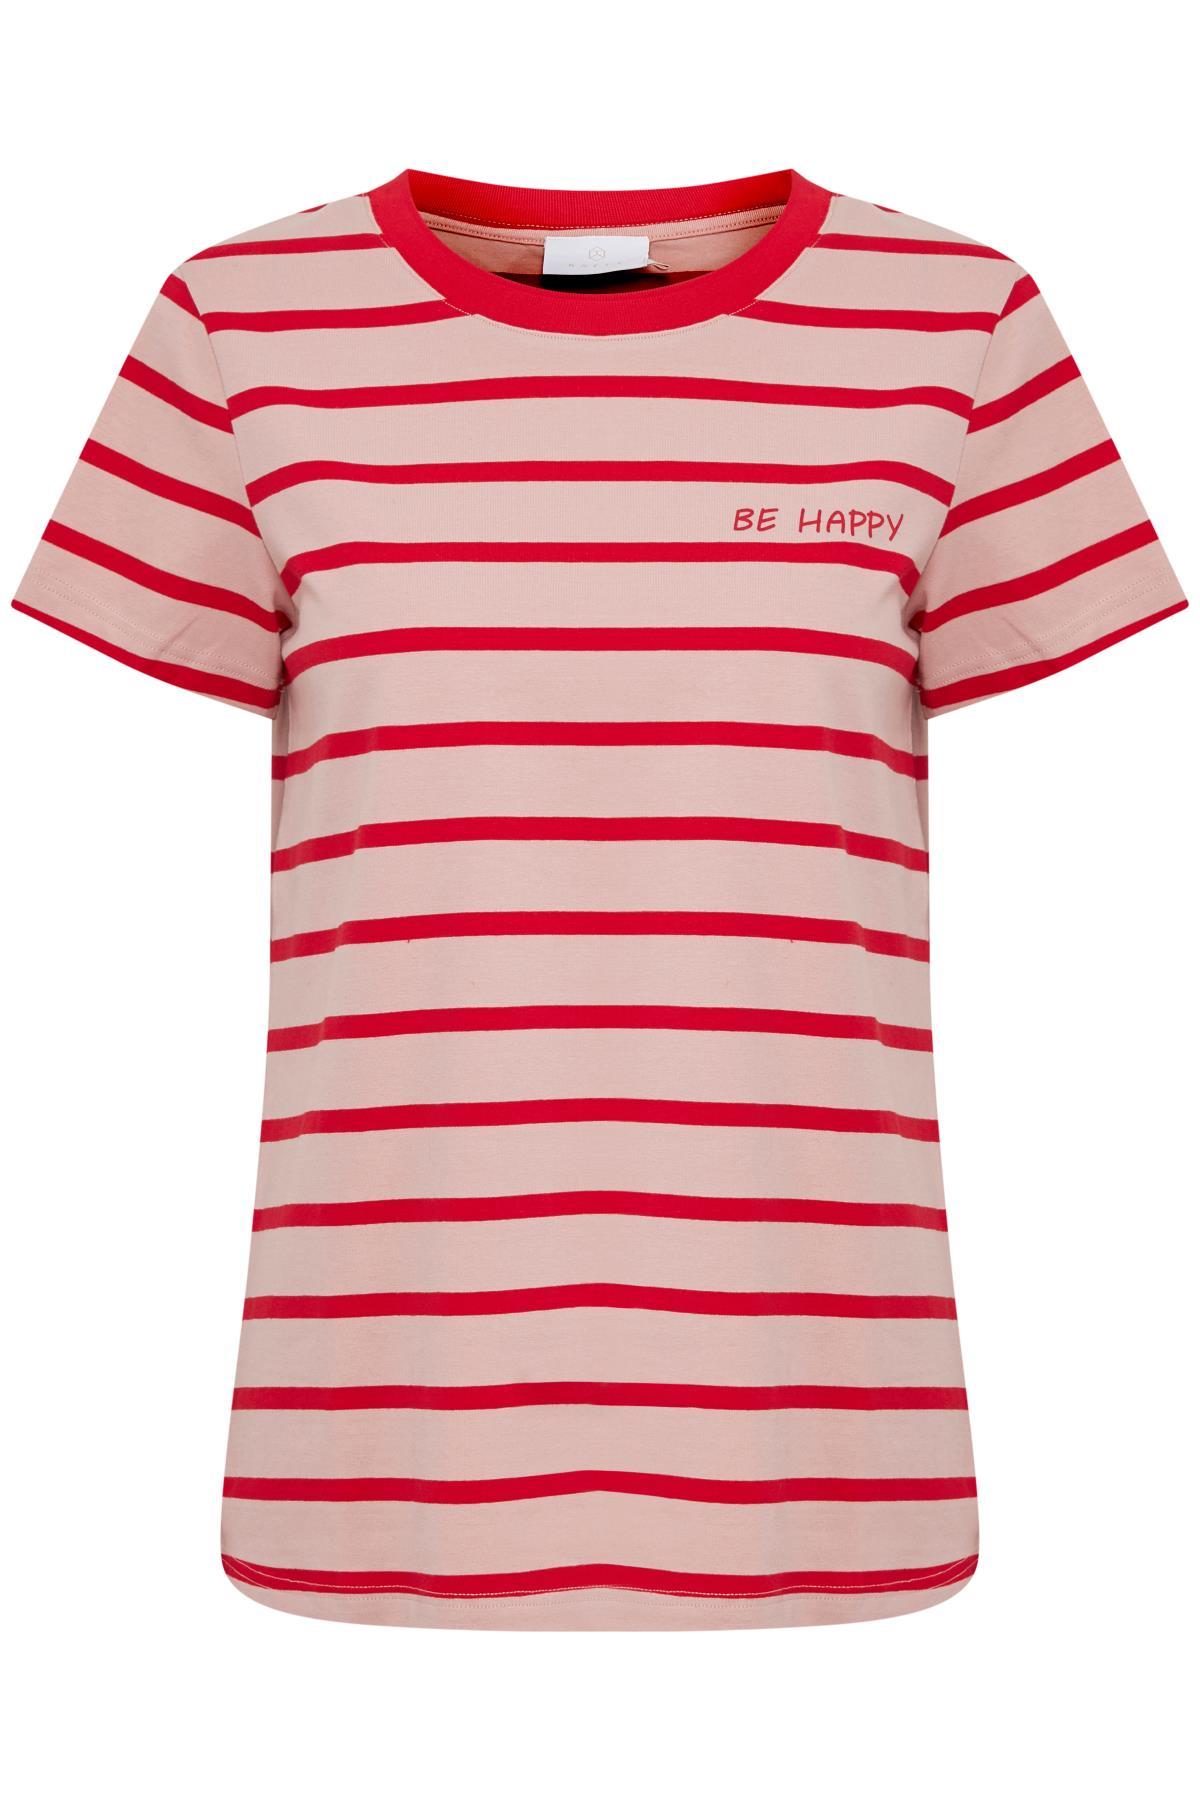 Roze/rood T-shirt korte mouw van Kaffe – Door Roze/rood T-shirt korte mouw van maat. XS-XXL hier